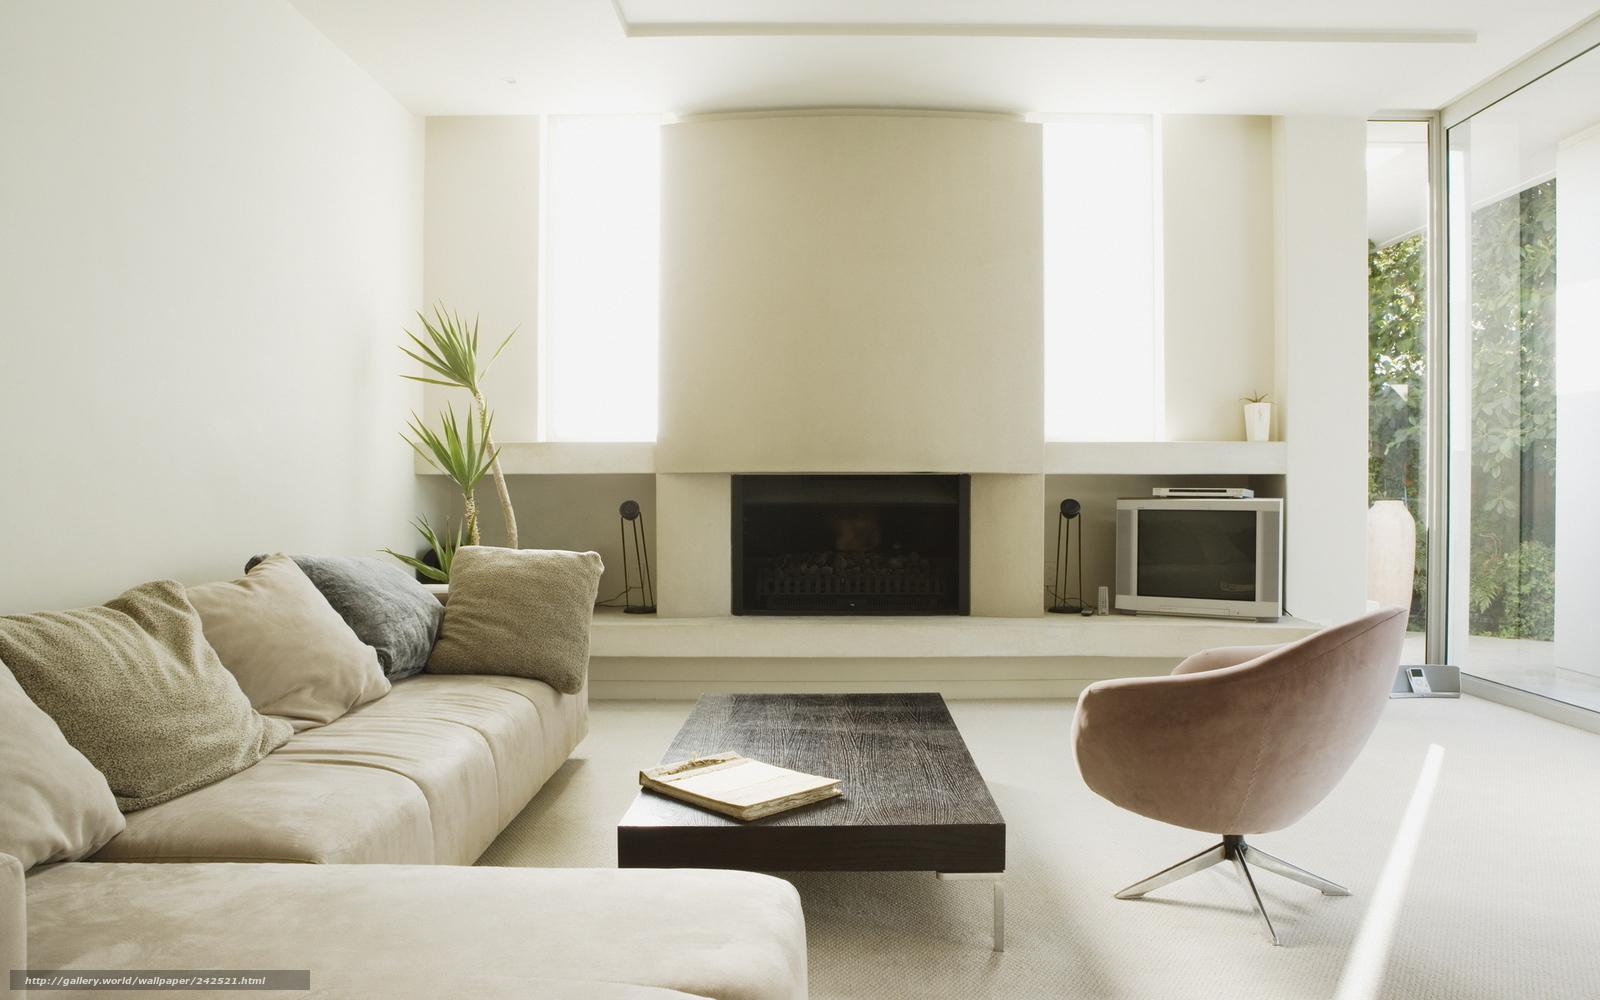 Камин комната дизайн интерьер